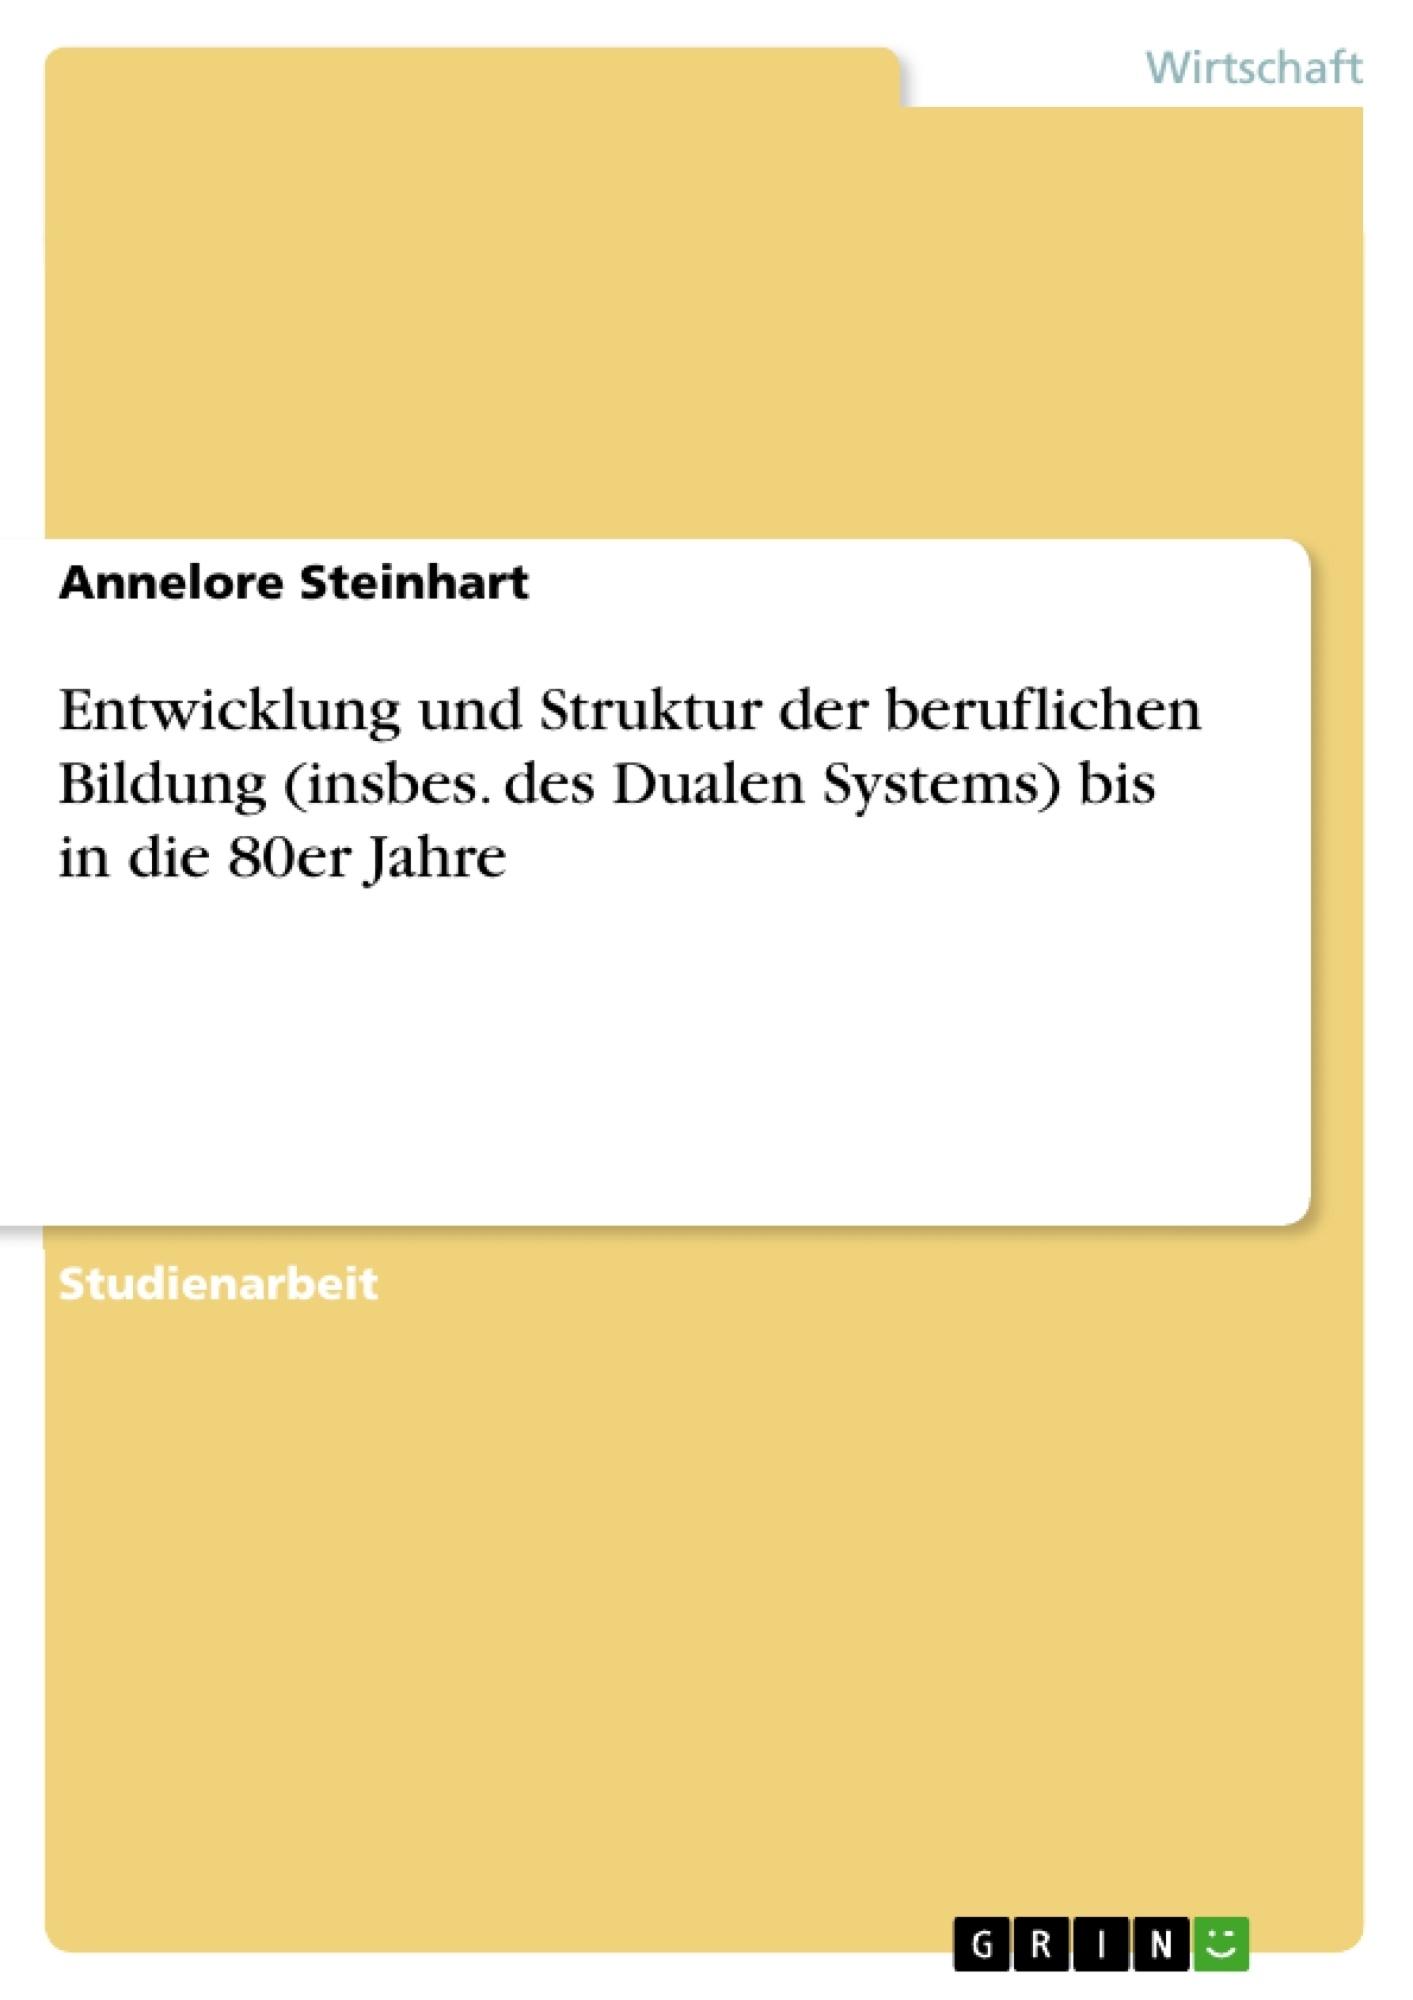 Titel: Entwicklung und Struktur der beruflichen Bildung (insbes. des Dualen Systems) bis in die 80er Jahre